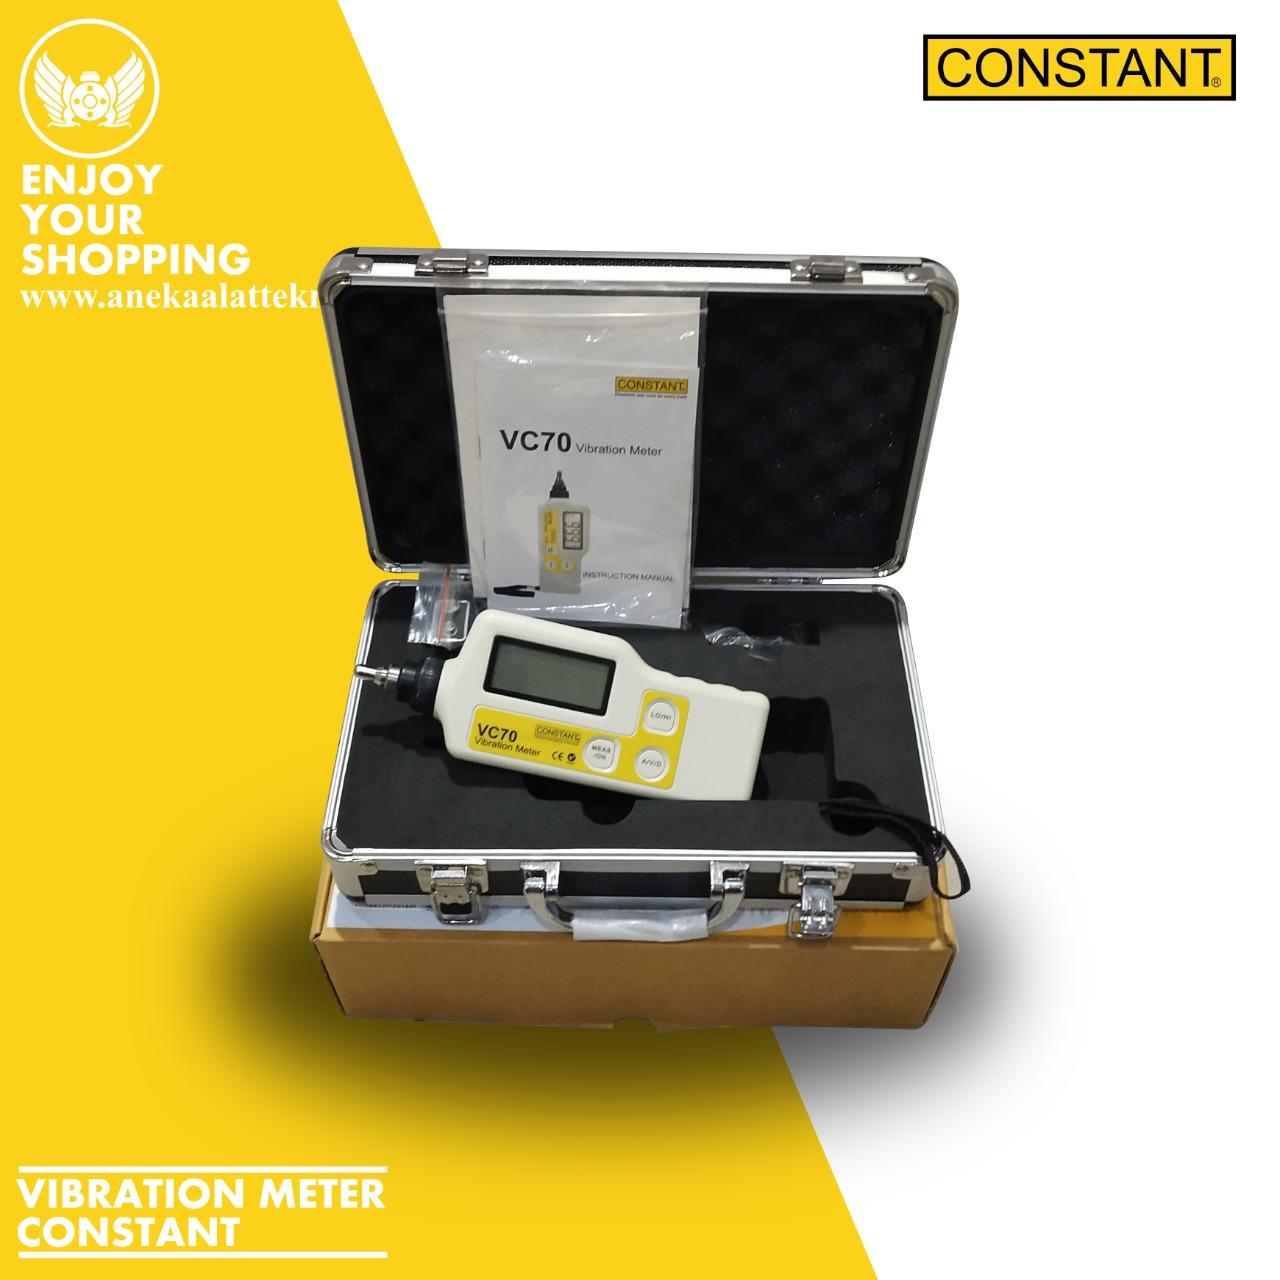 Vibration meter constant VC 70